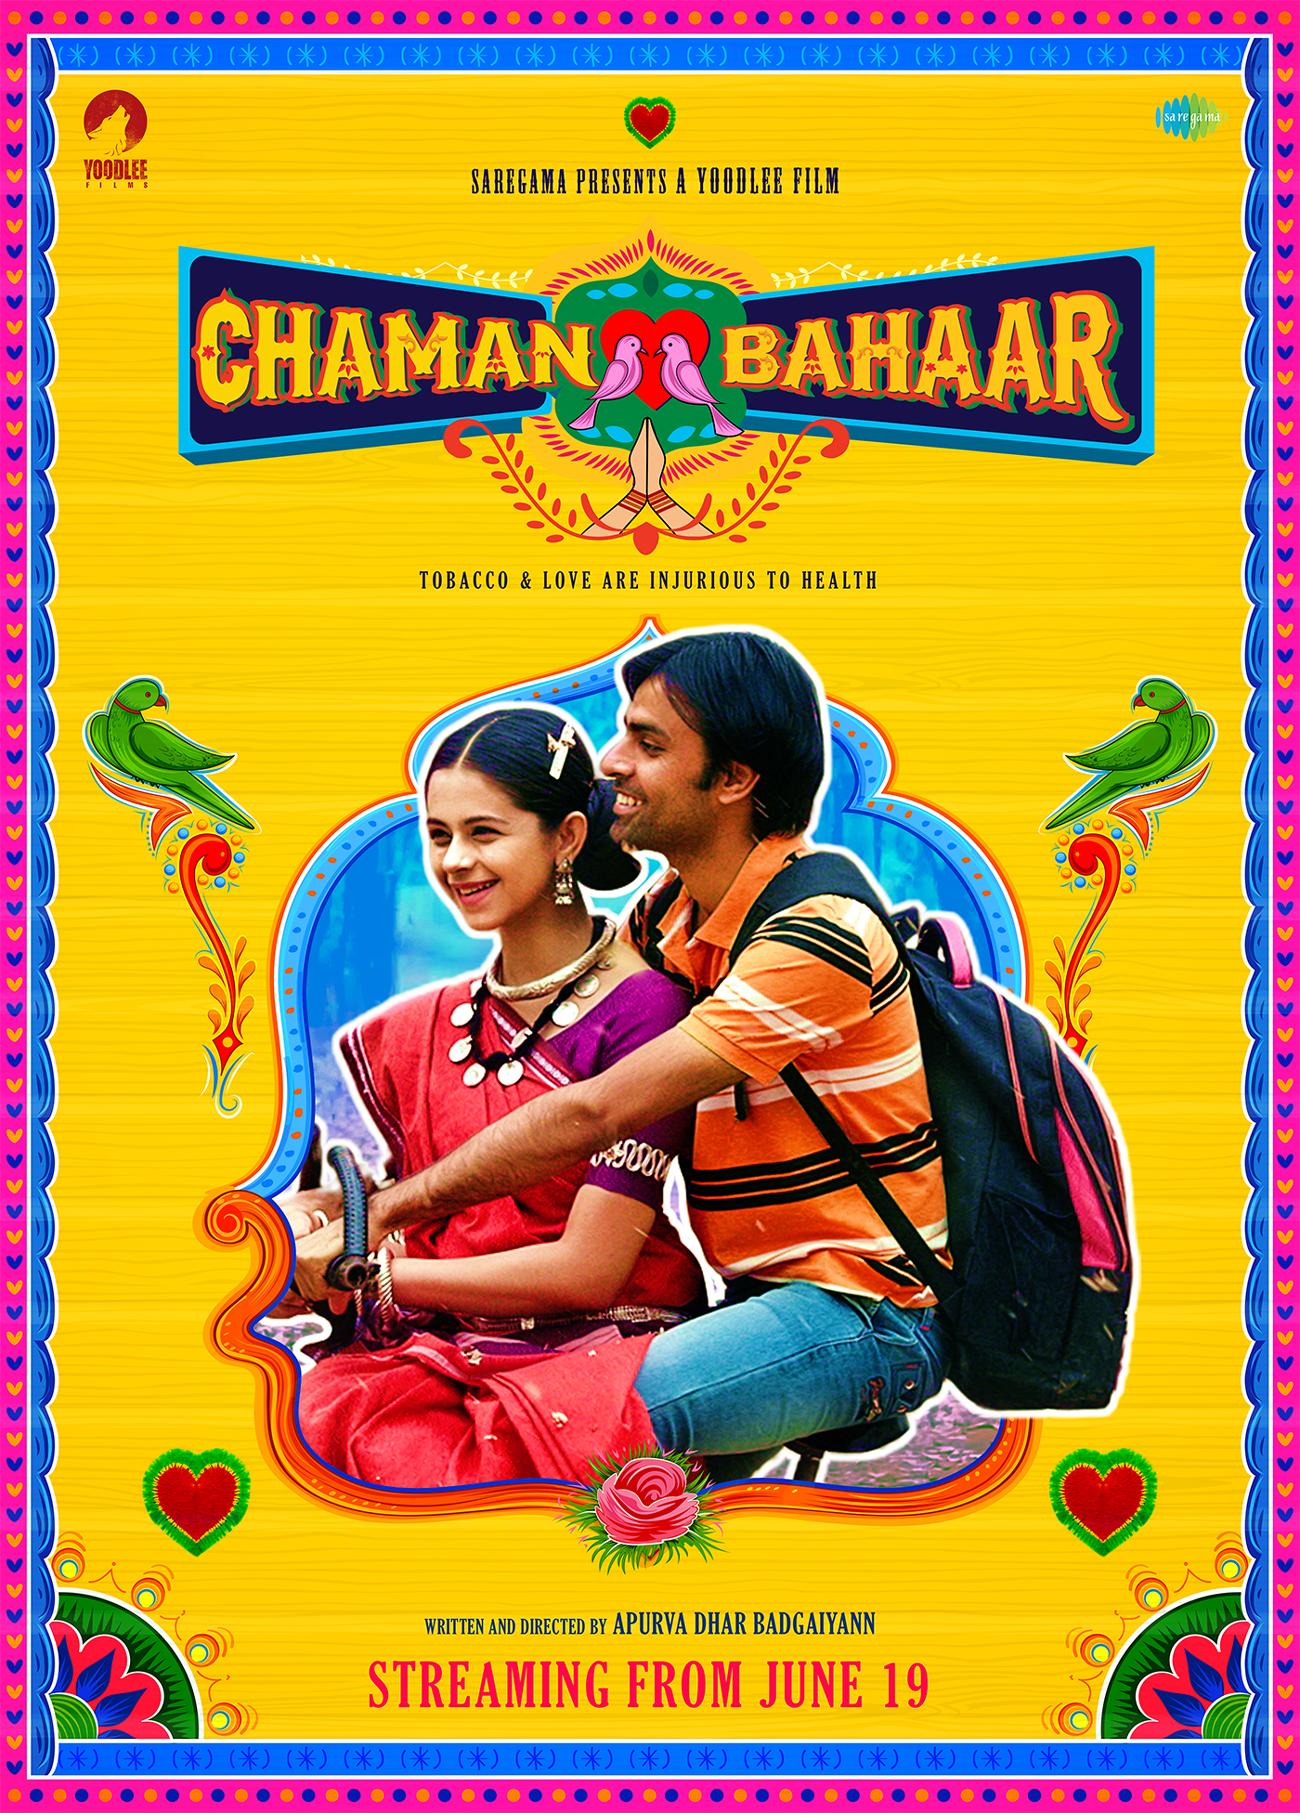 فيلم Chaman Bahaar 2020 مترجم